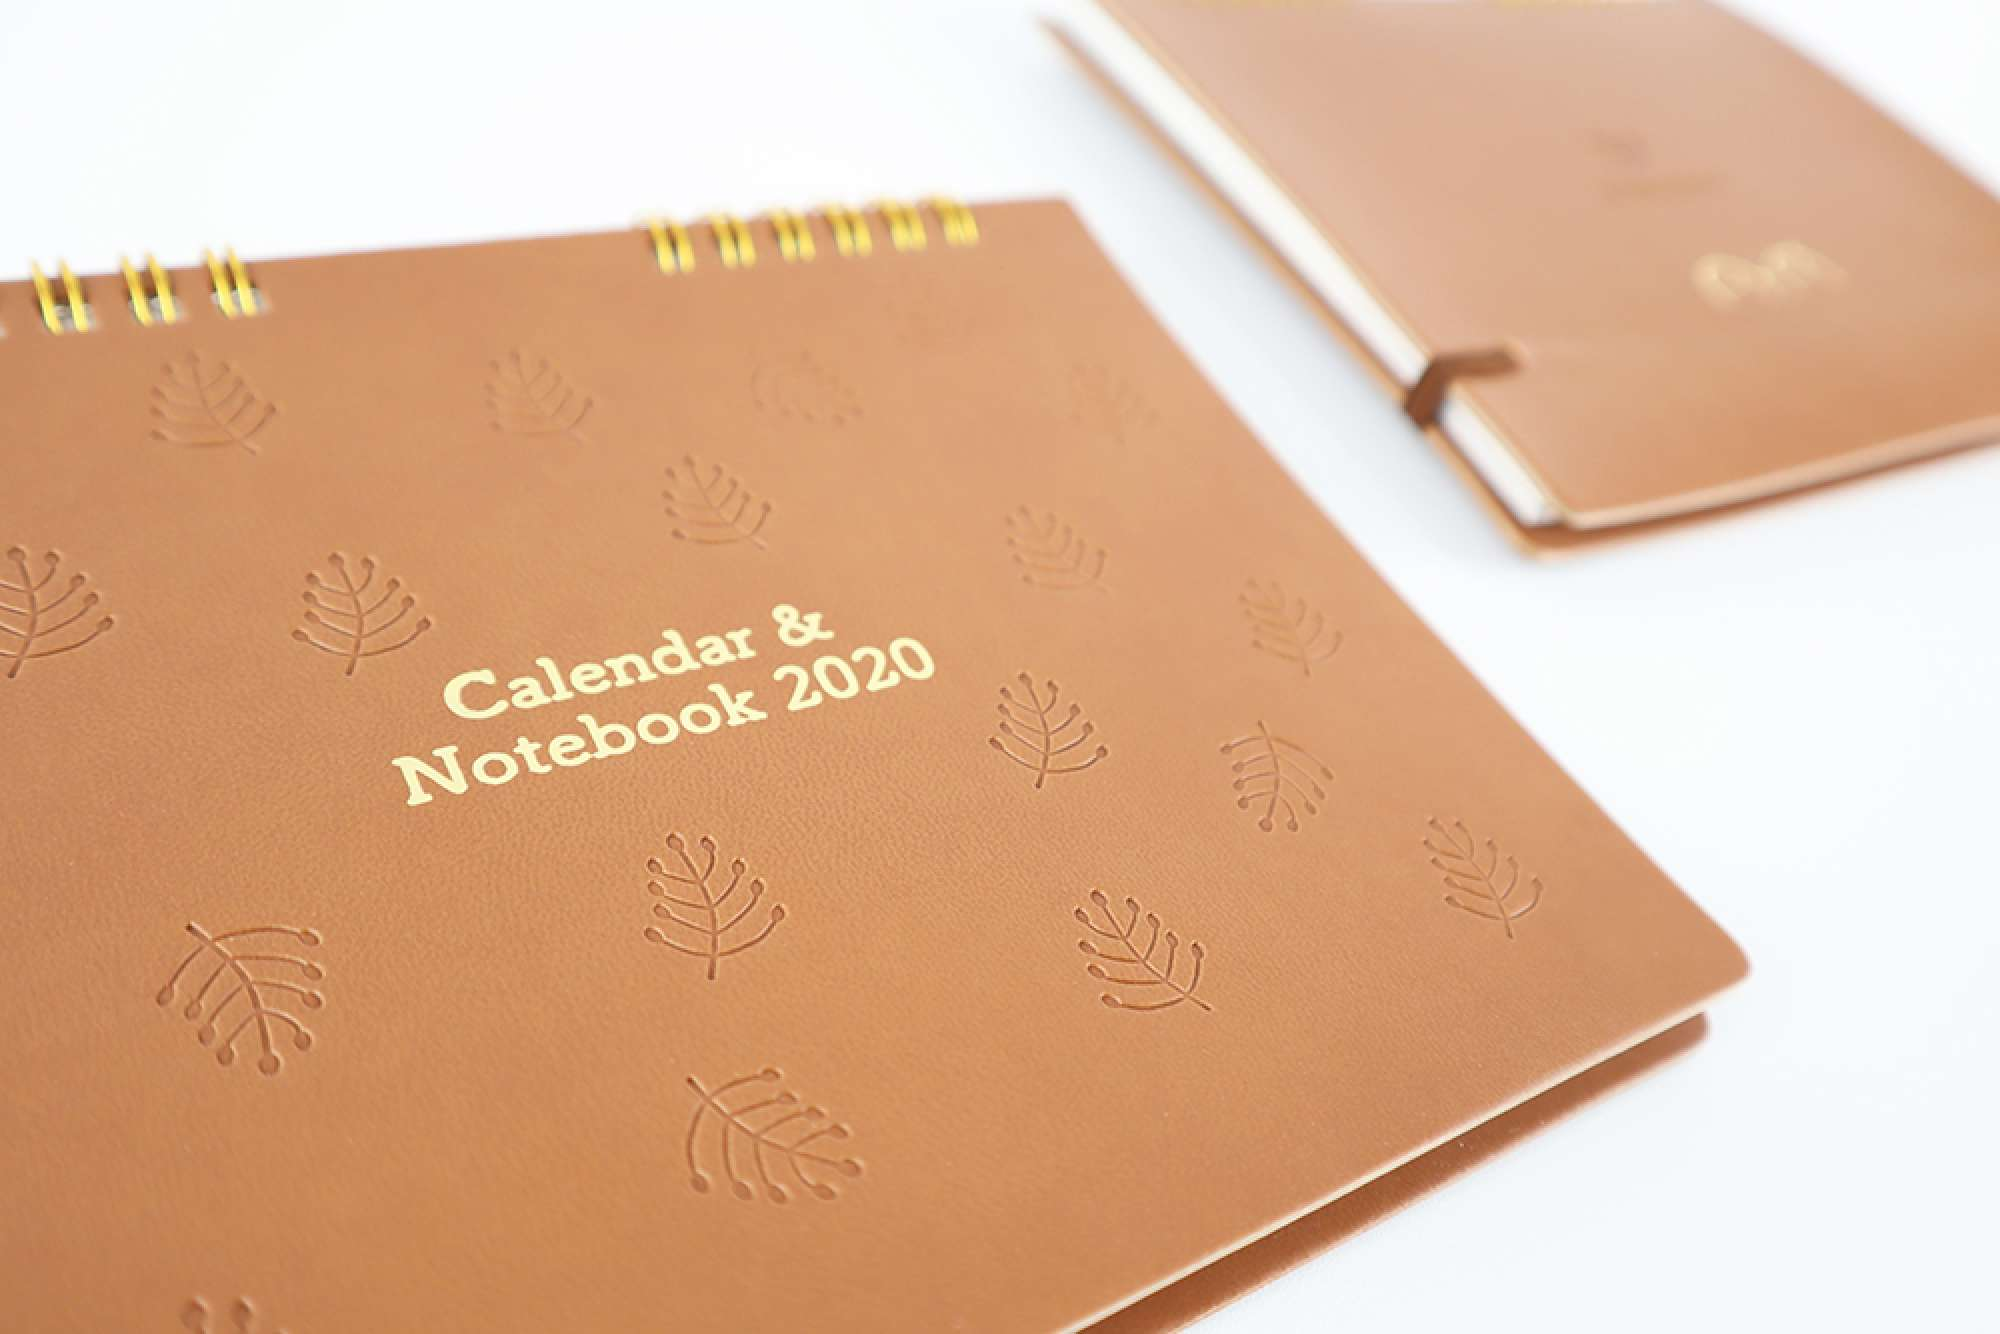 株式会社ヤブシタ/2020卓上カレンダー&Notebook(スイーツVer.) - Art Director/Riy制作室 Design/jamska design -  -